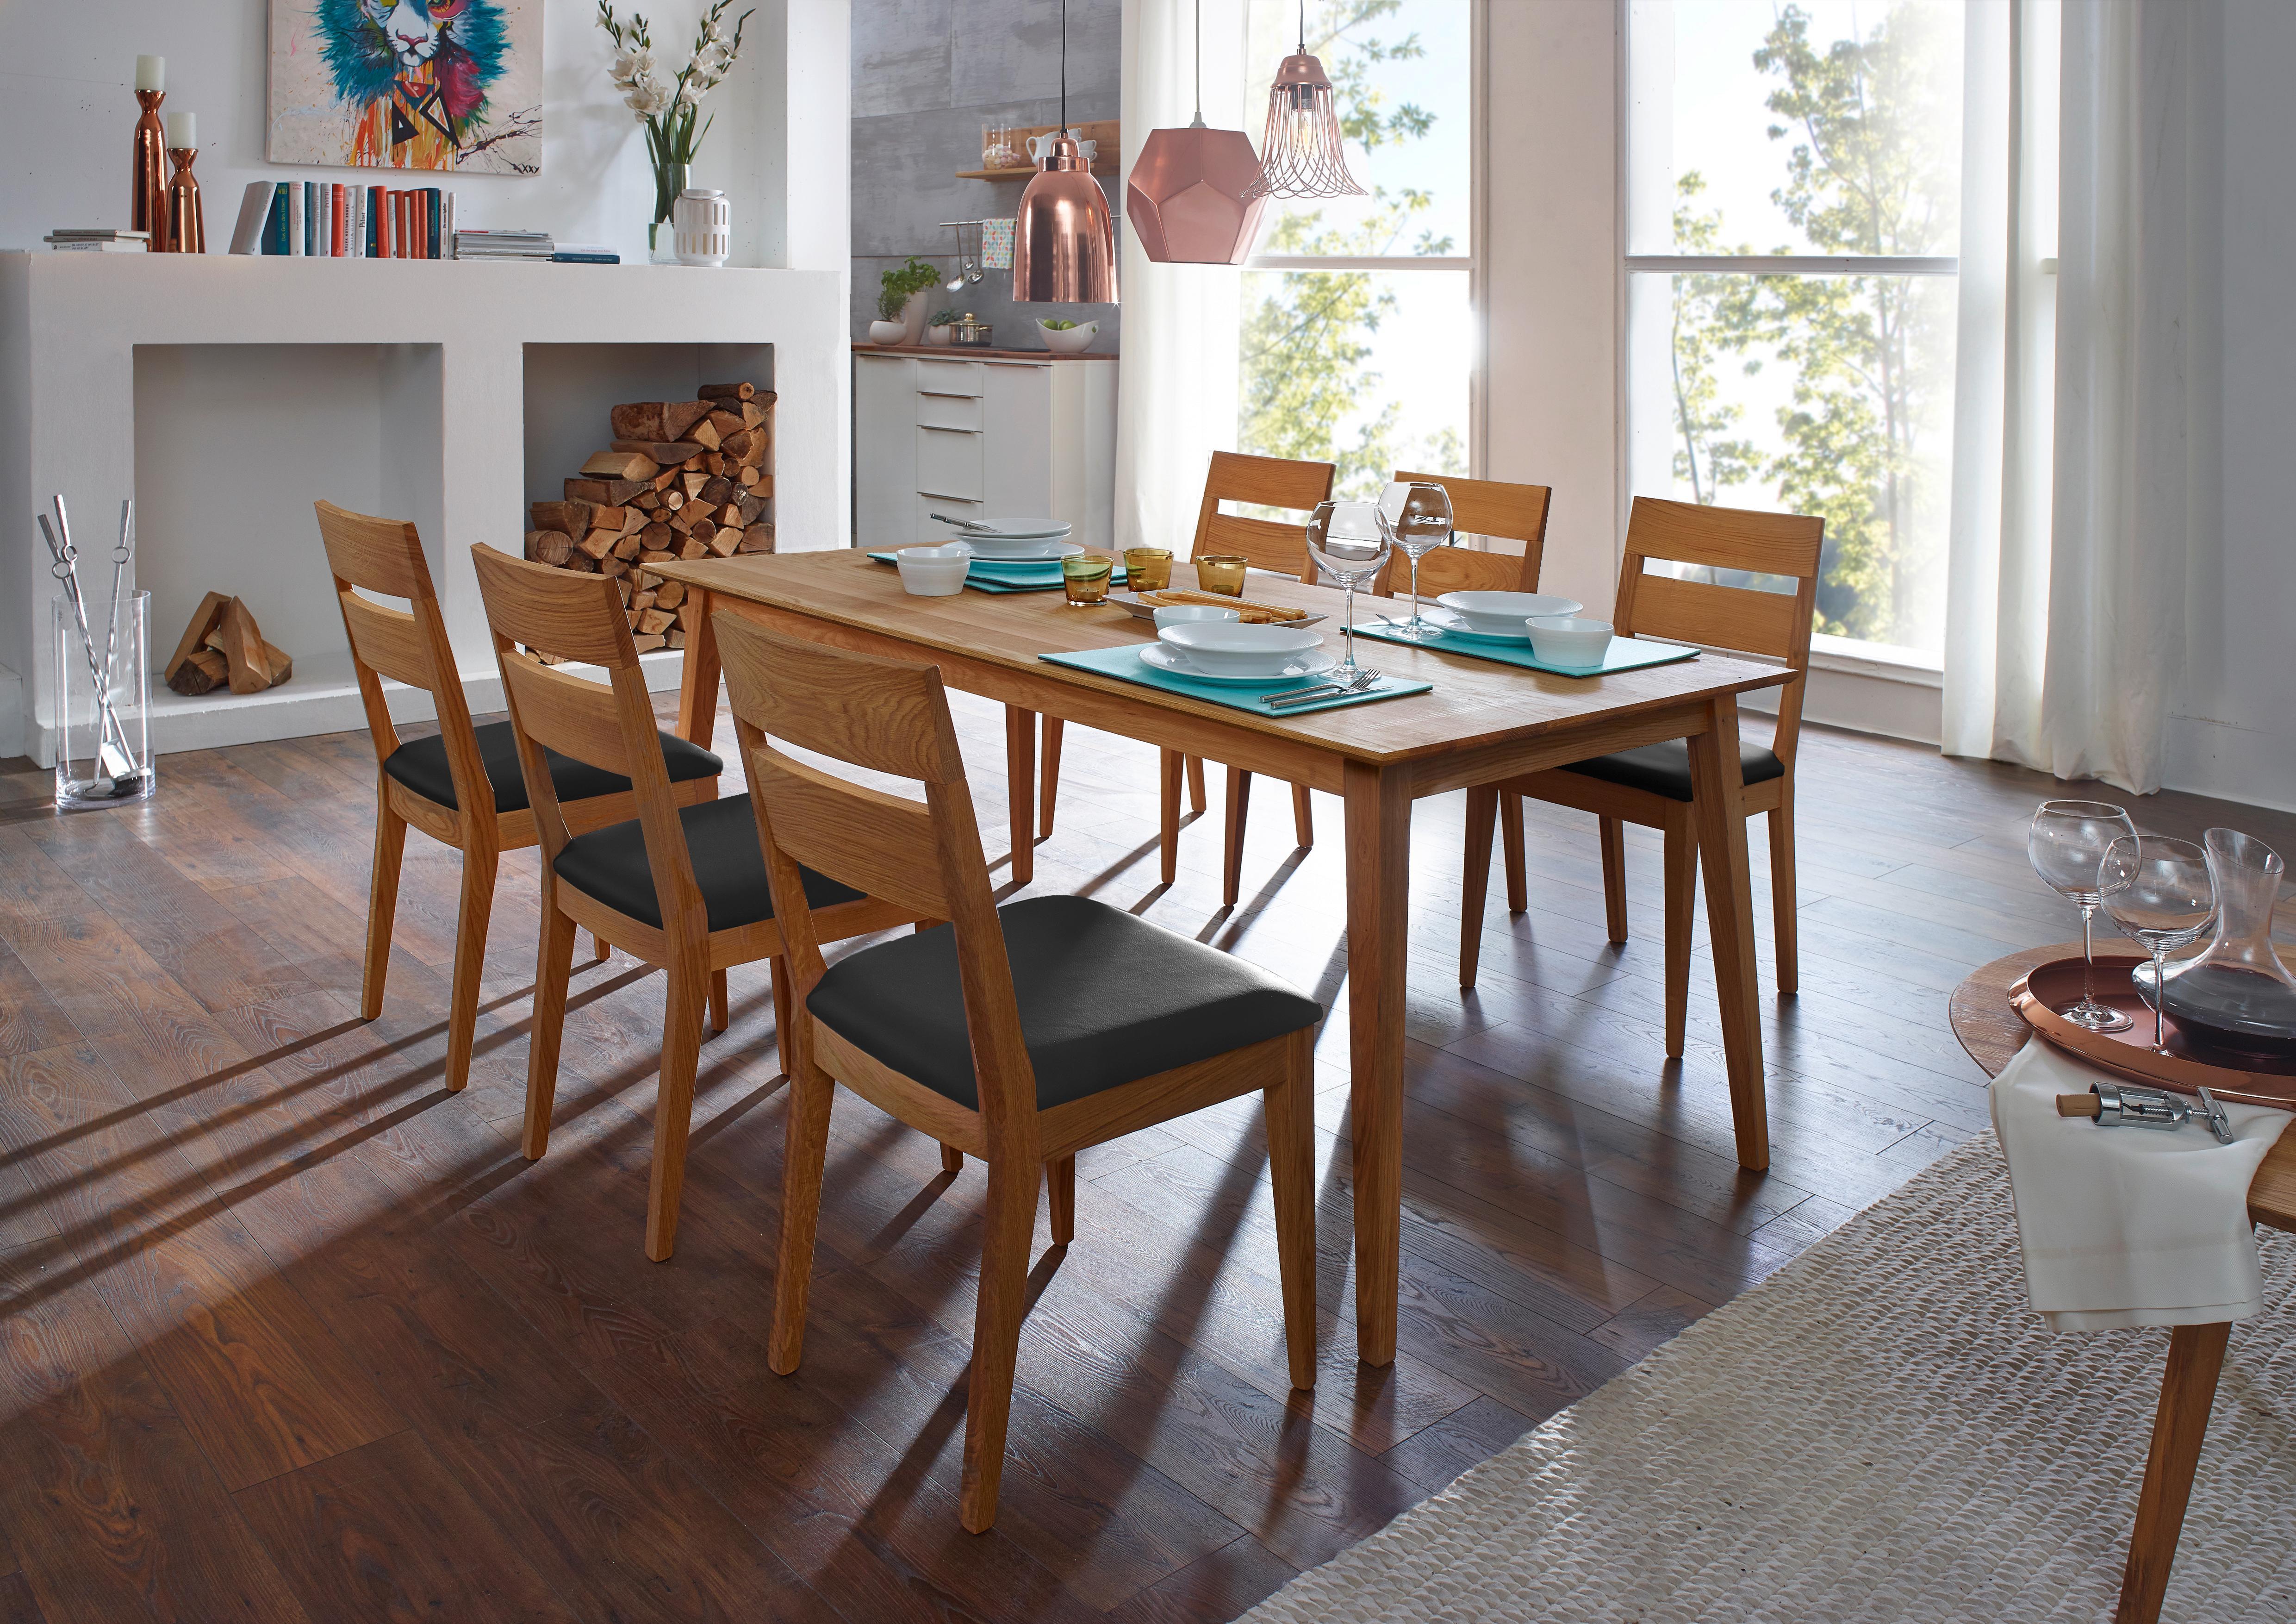 Tisch Mit Stühlen Buche Preisvergleich • Die besten Angebote online ...